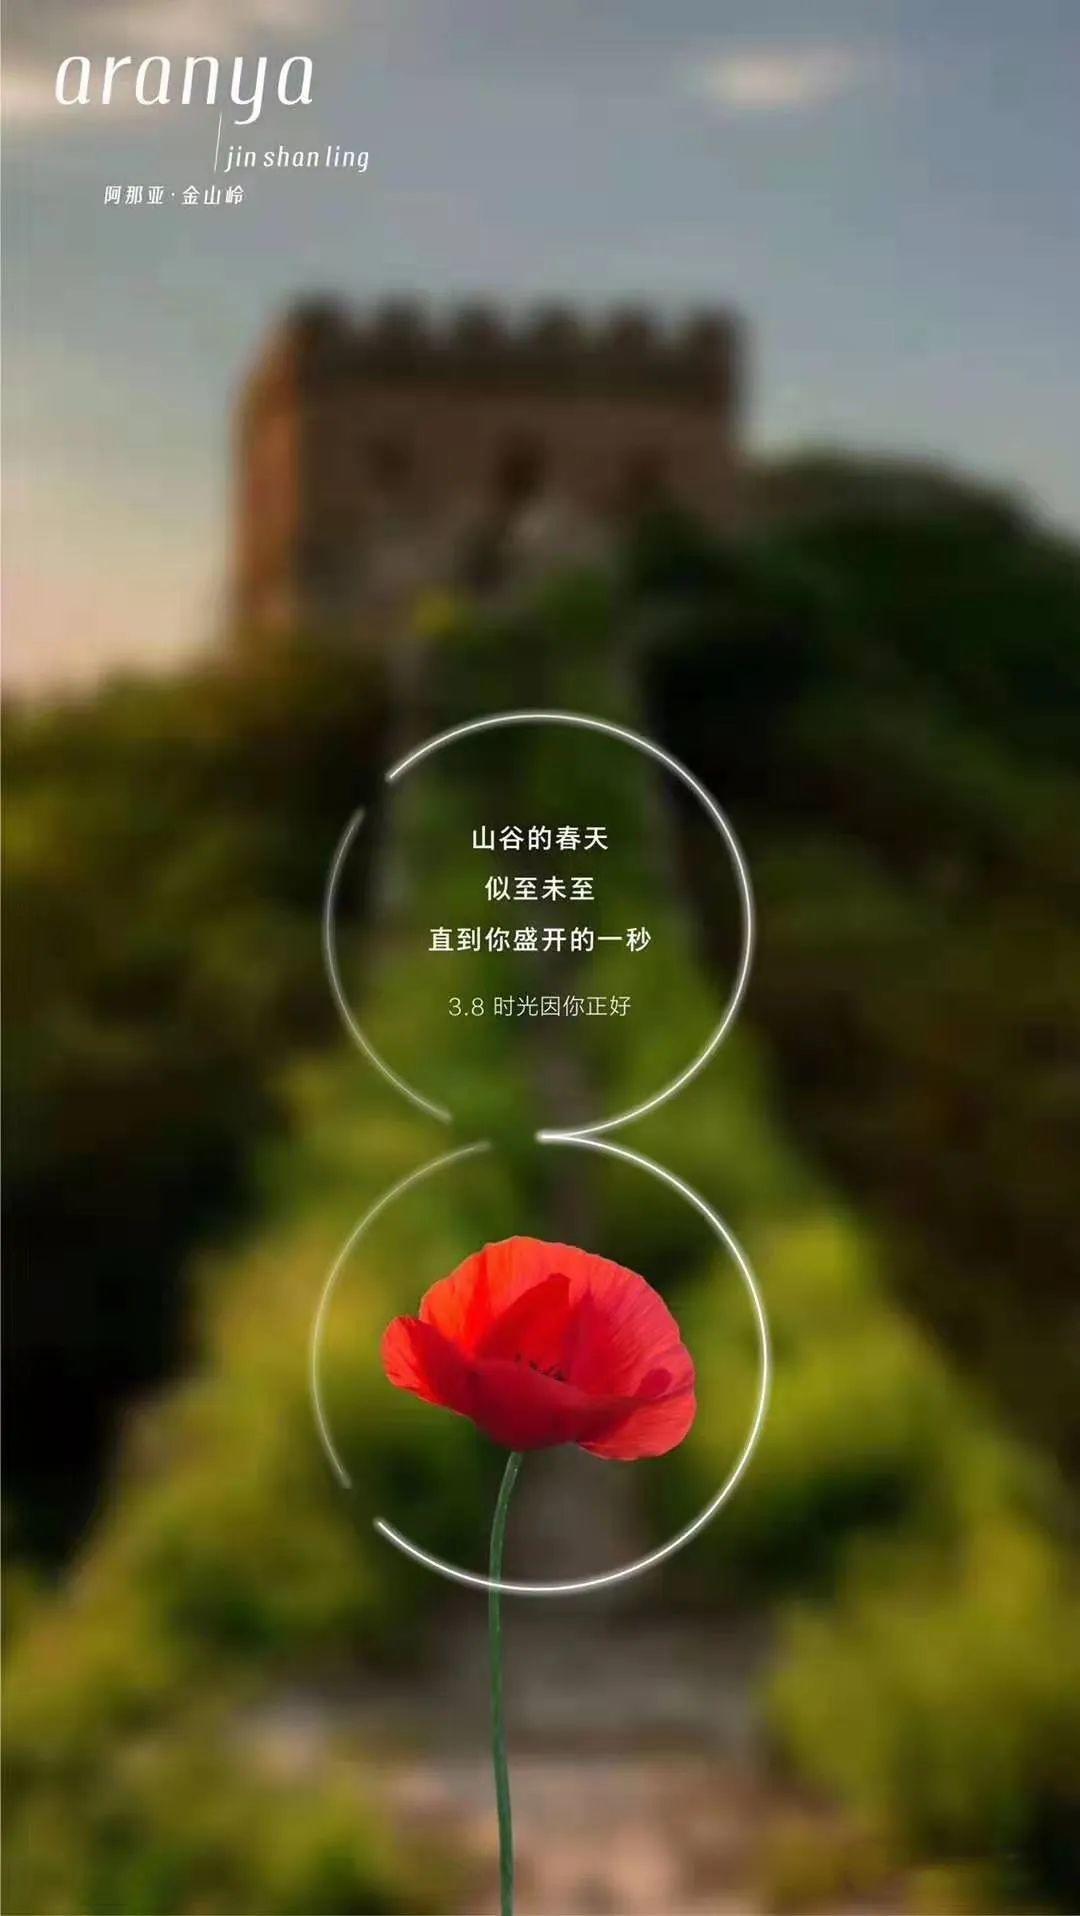 三八女神节 | 文案祝福:愿以美好,呵护你的高光!插图17